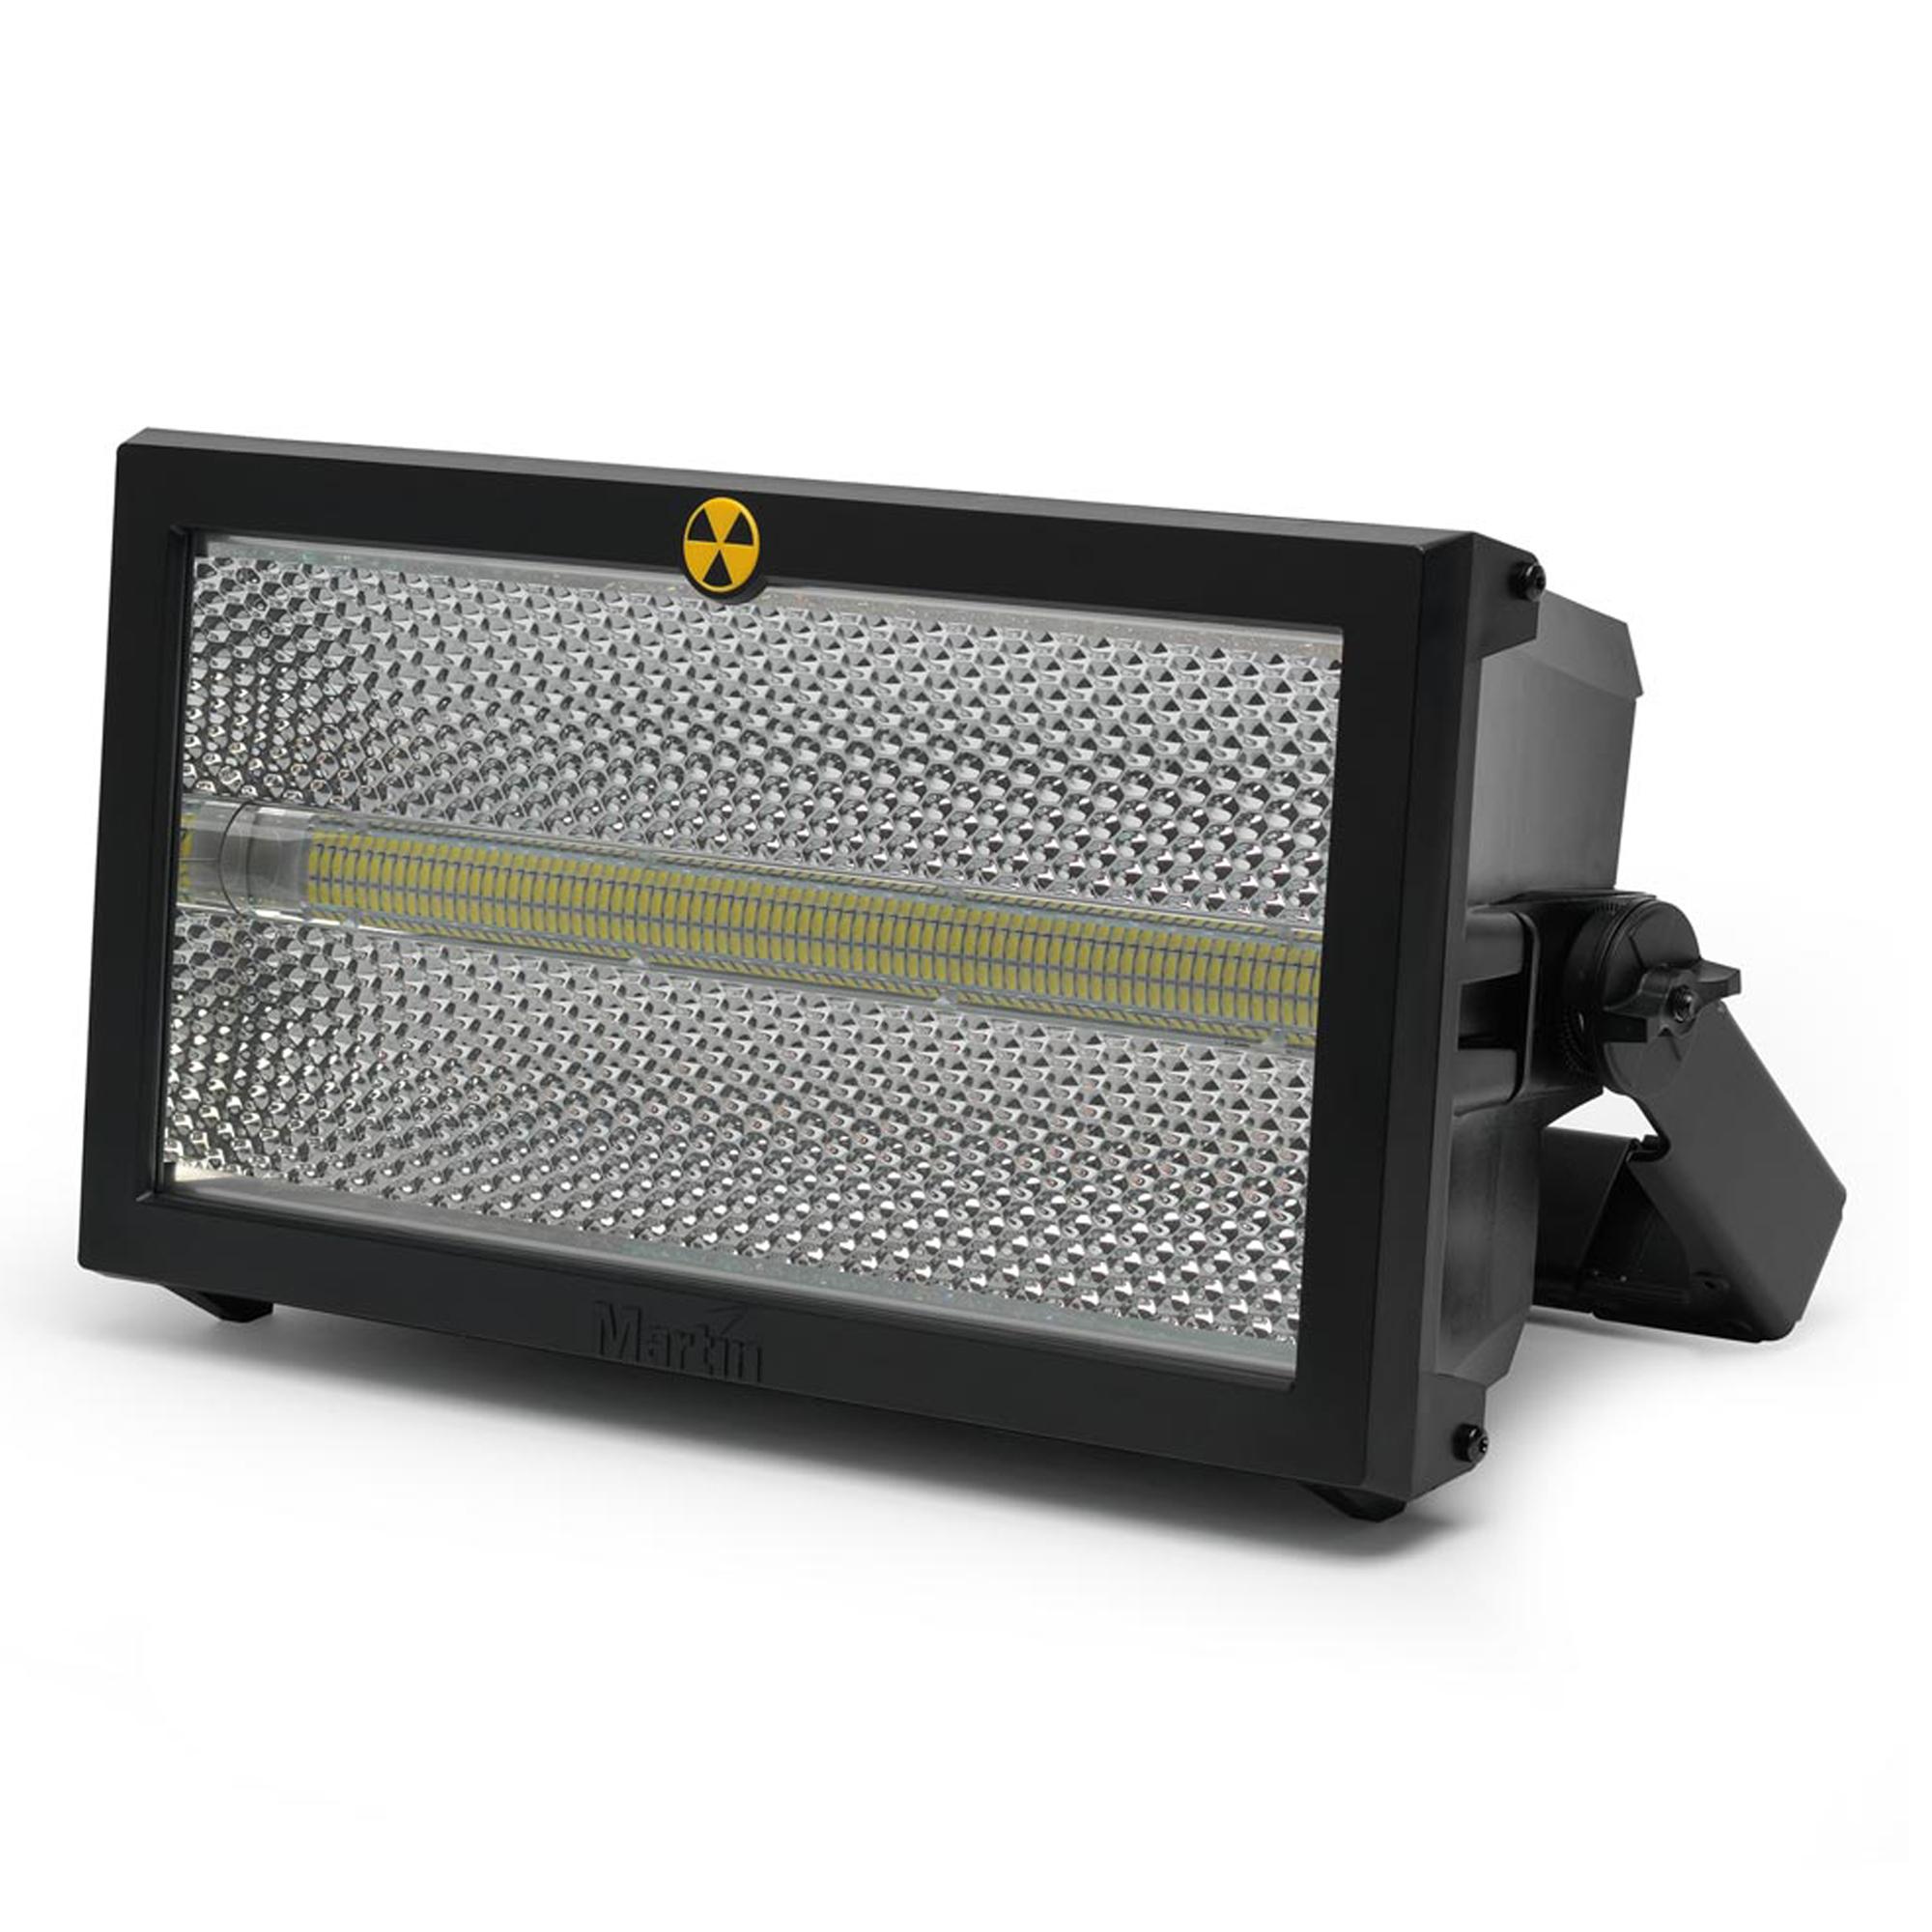 Atomic 3000 LED